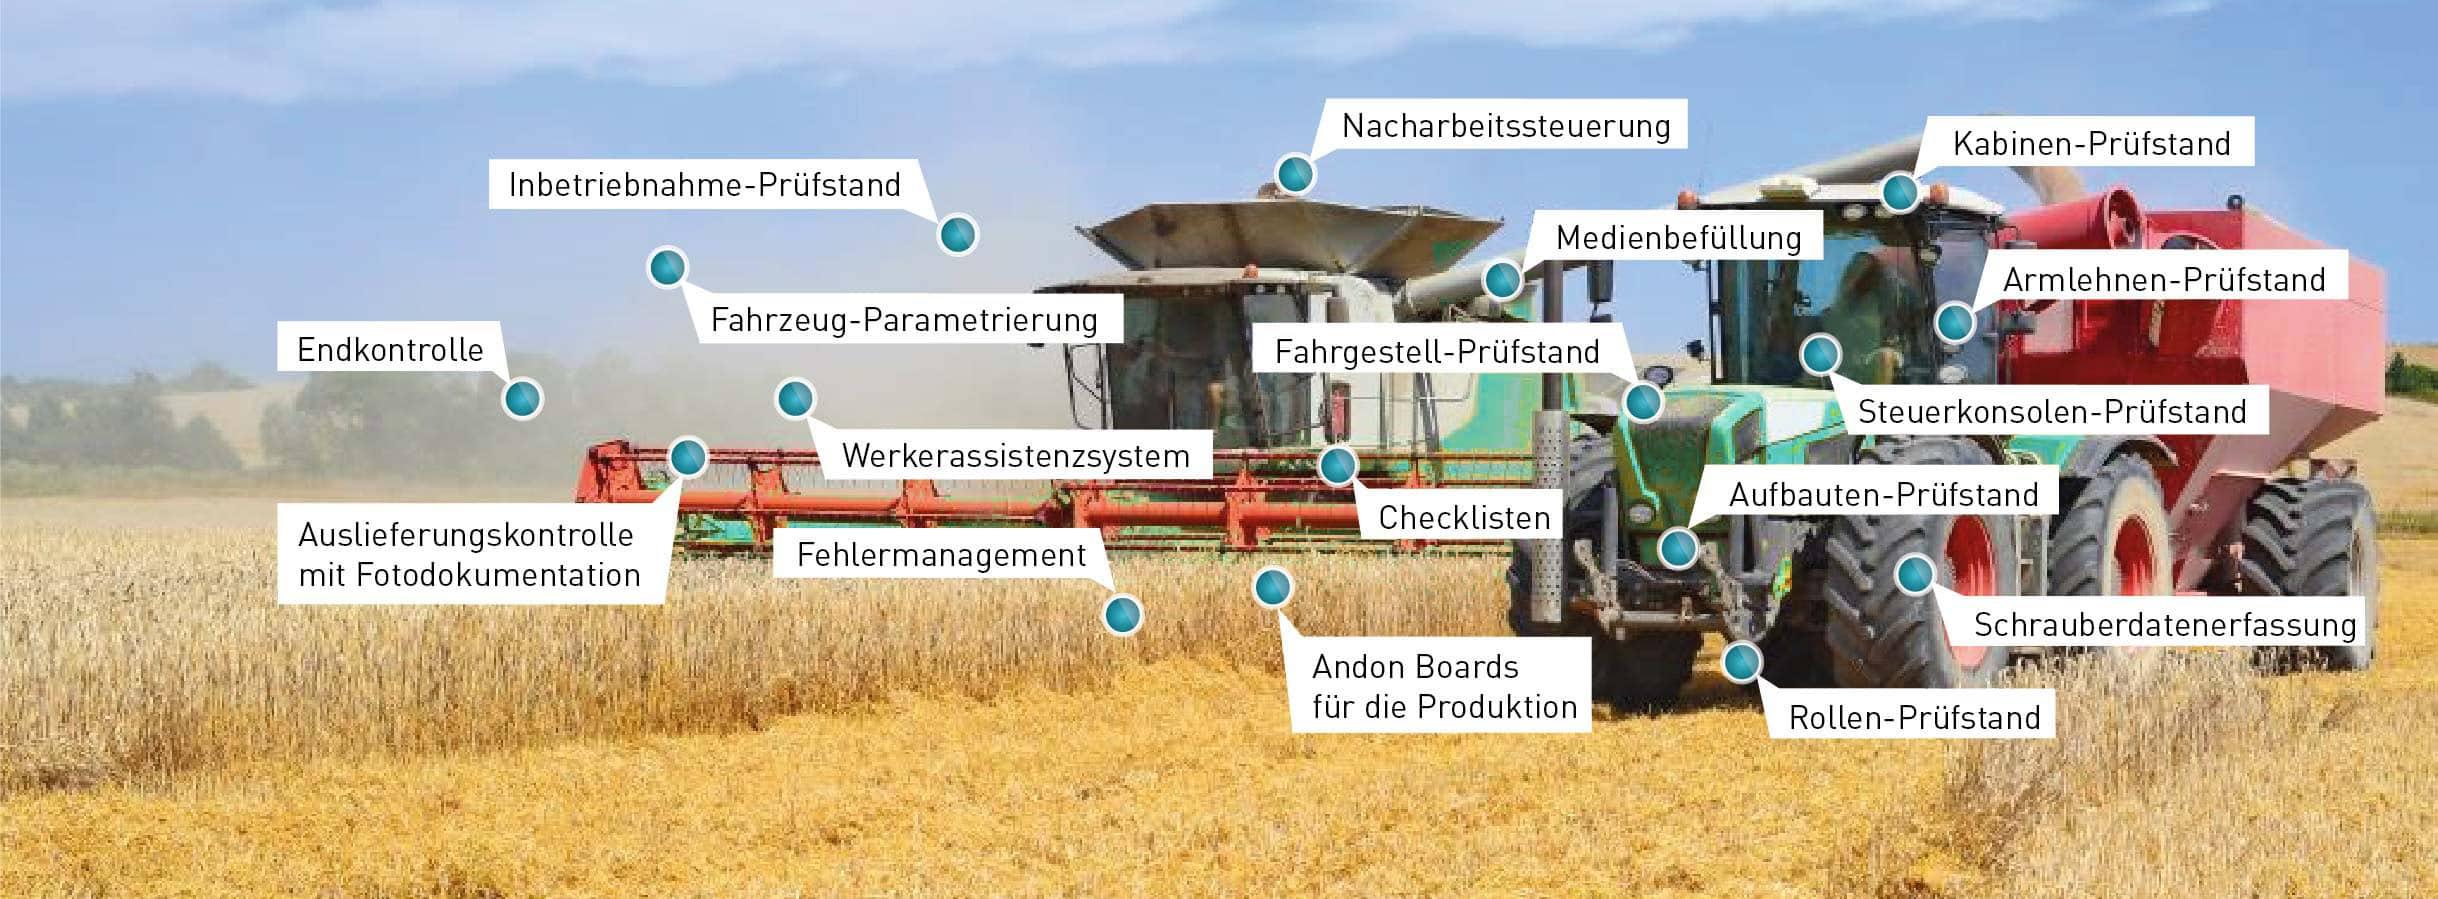 Prüfstandslösungen der IGH, markiert auf Landmaschinen